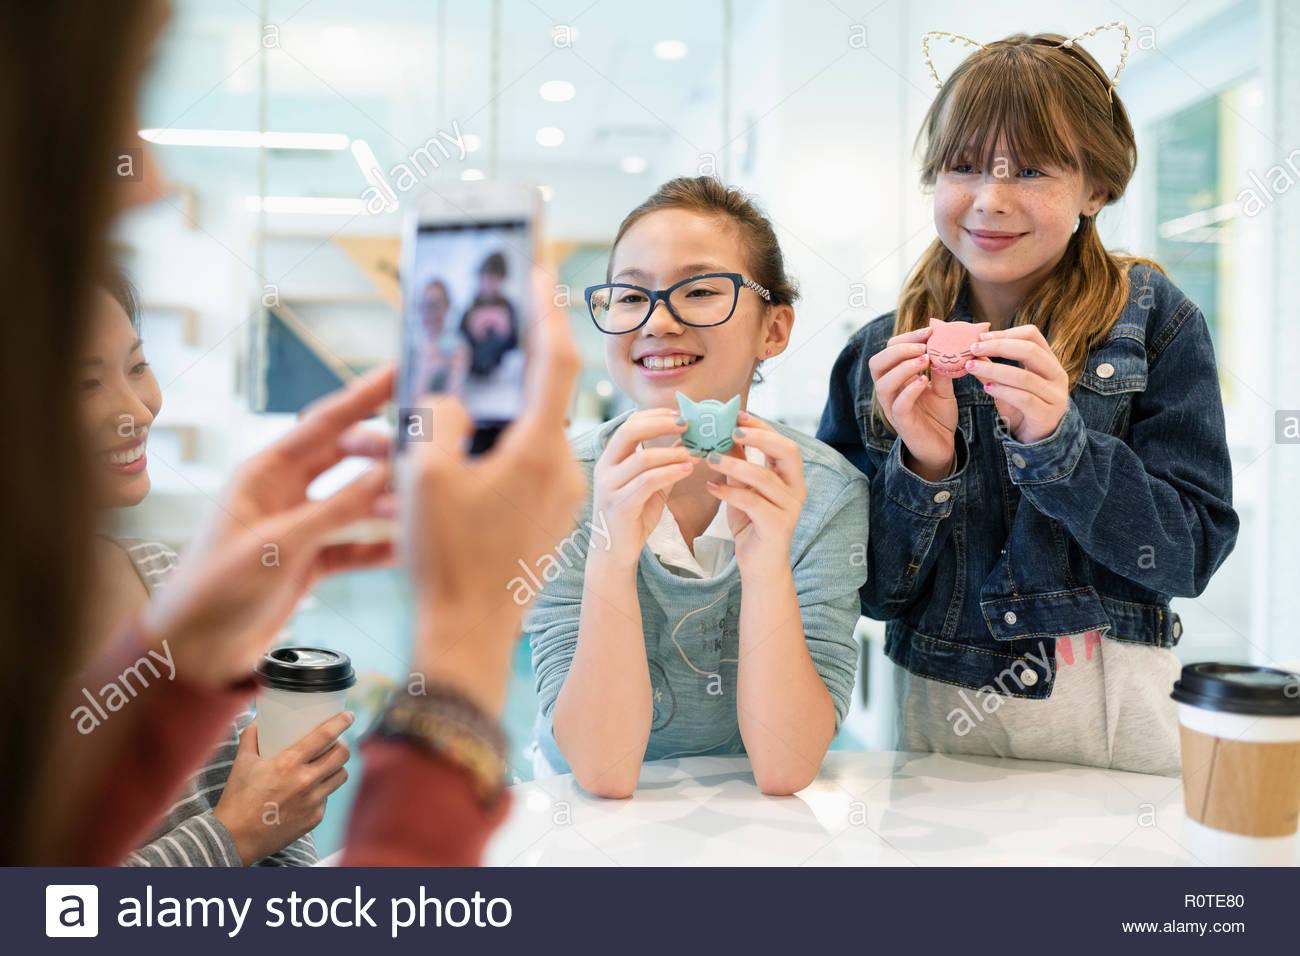 Las niñas posando para la fotografía con gatito cookies en cat cafe Imagen De Stock